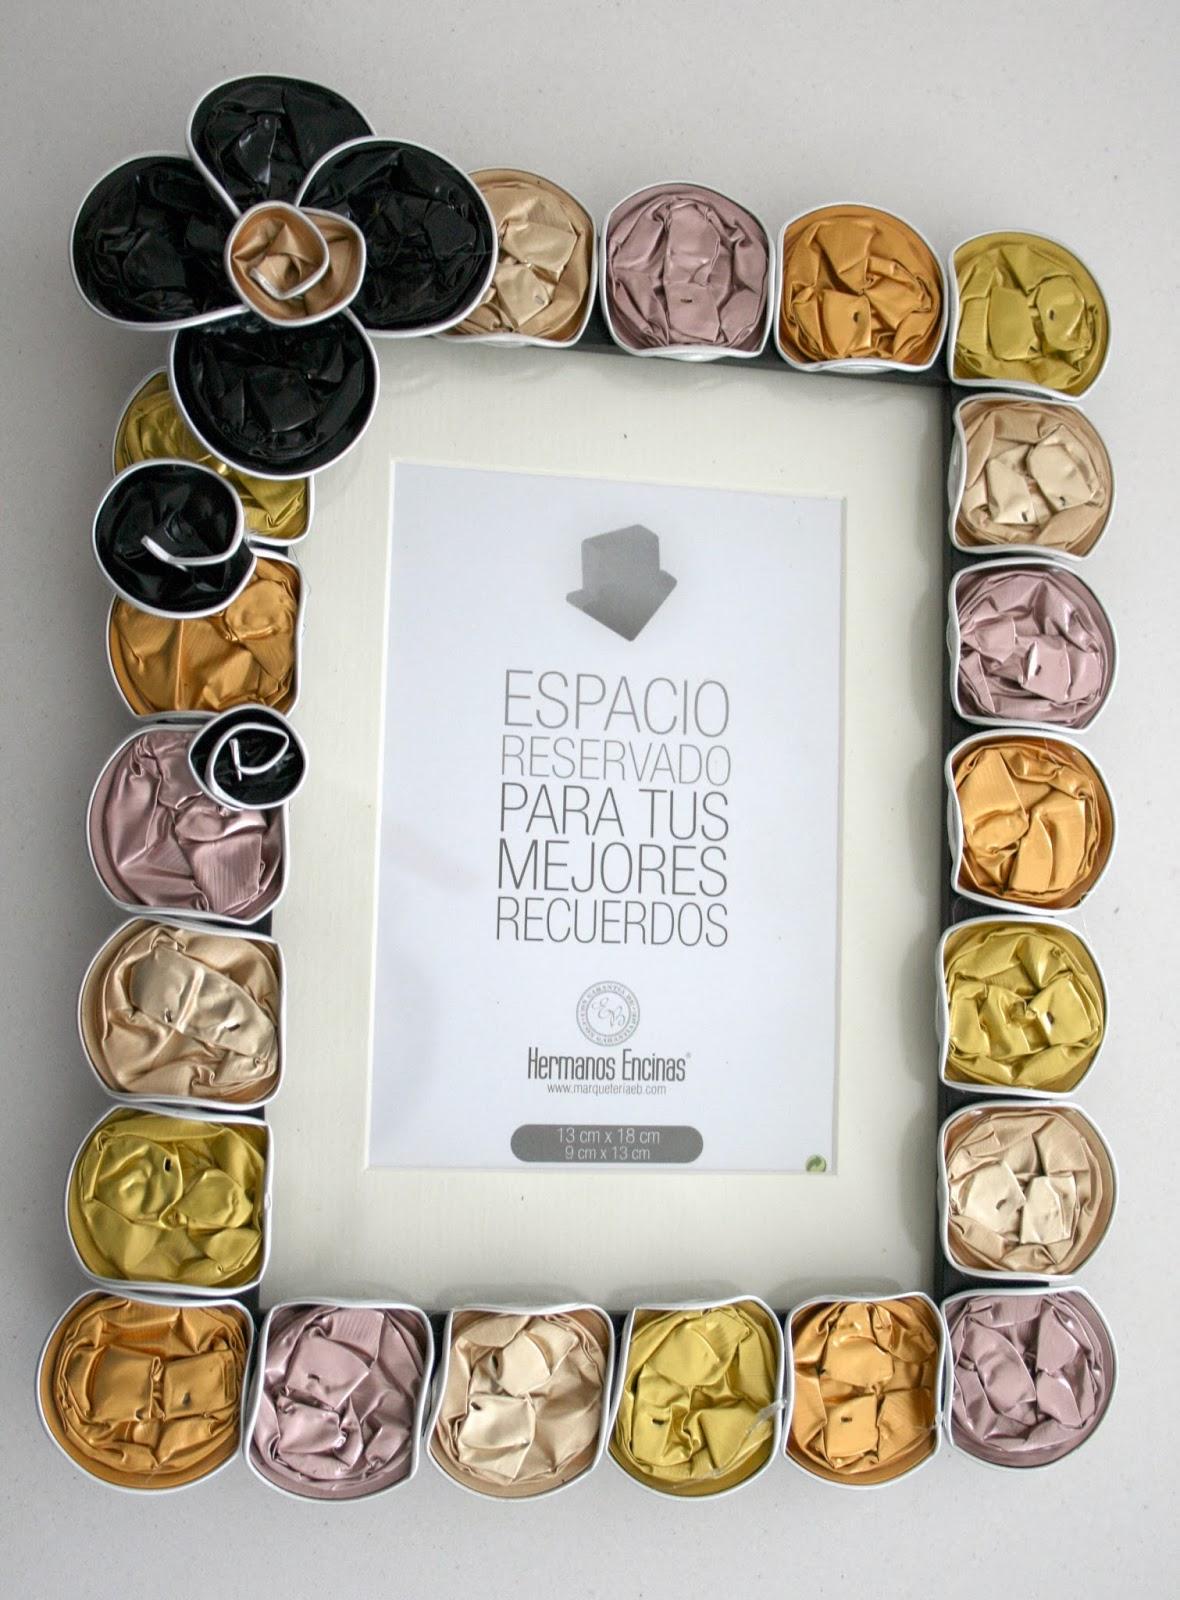 Cuadros Originales Hechos A Mano - Decoración Del Hogar - Prosalo.com